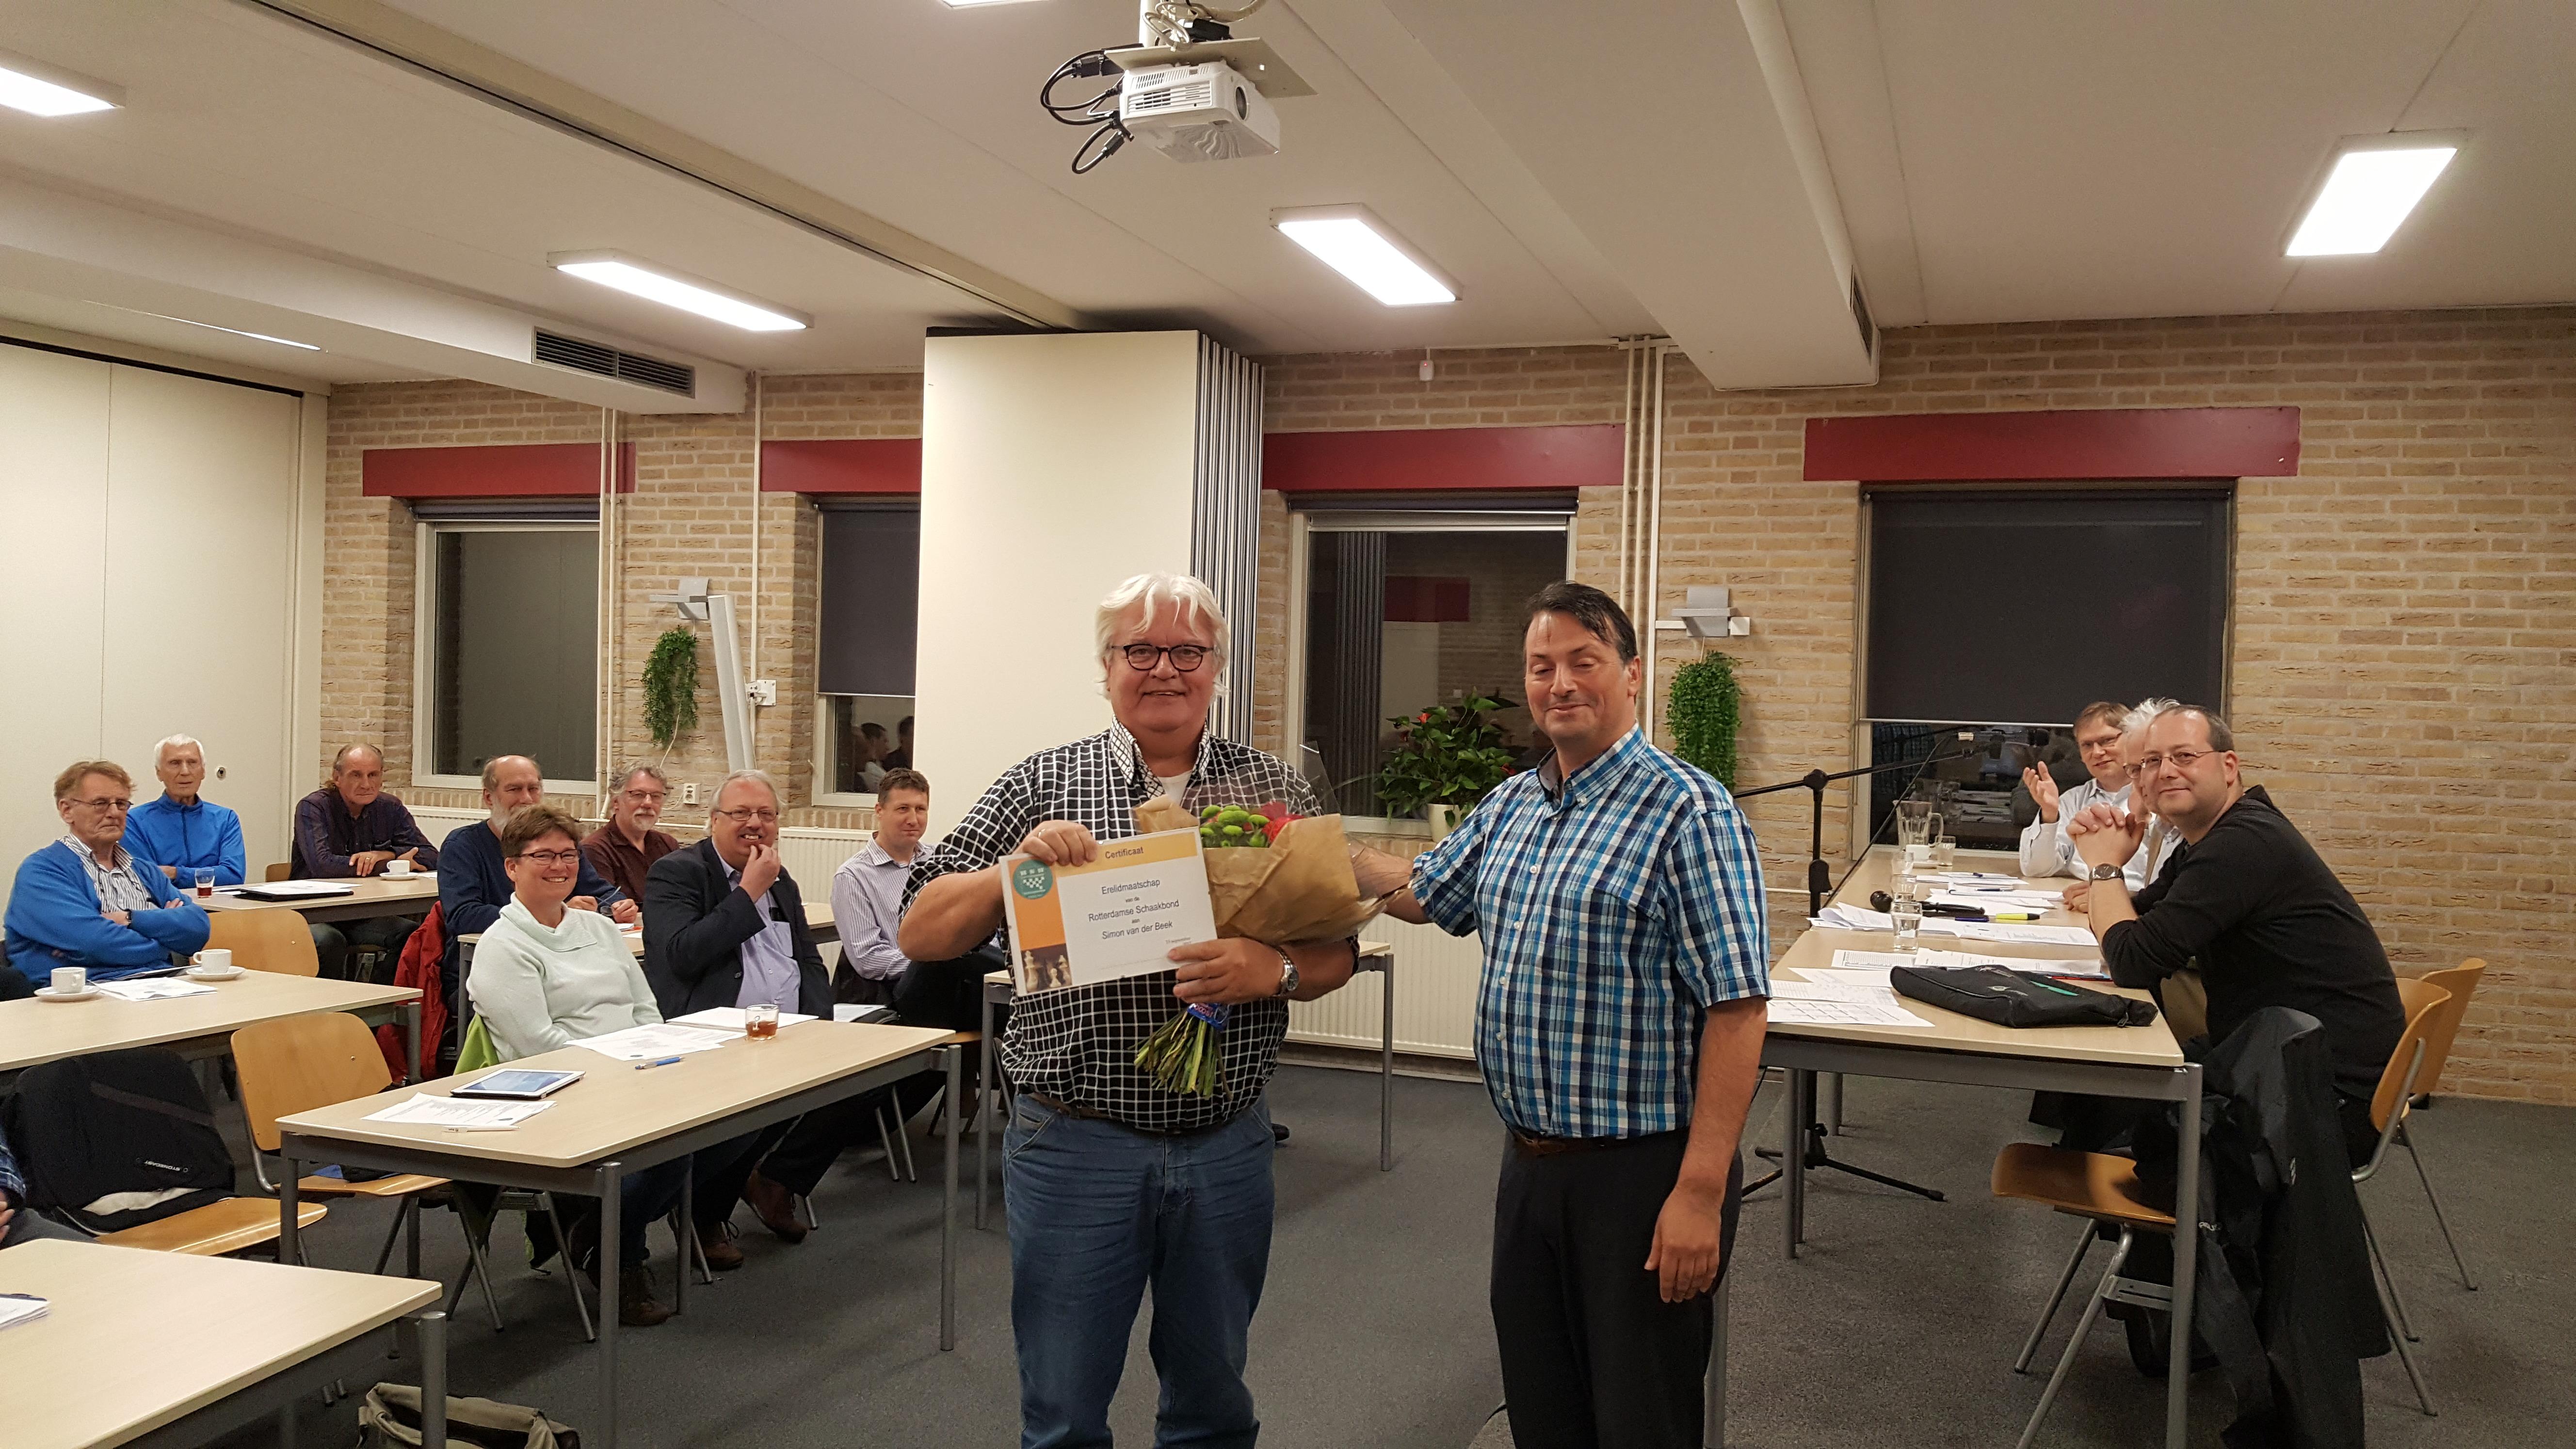 Simon van der Beek krijgt de oorkonde behorend bij het erelidmaatschap van de RSB uitgereikt door voorzitter Angelo Ayala